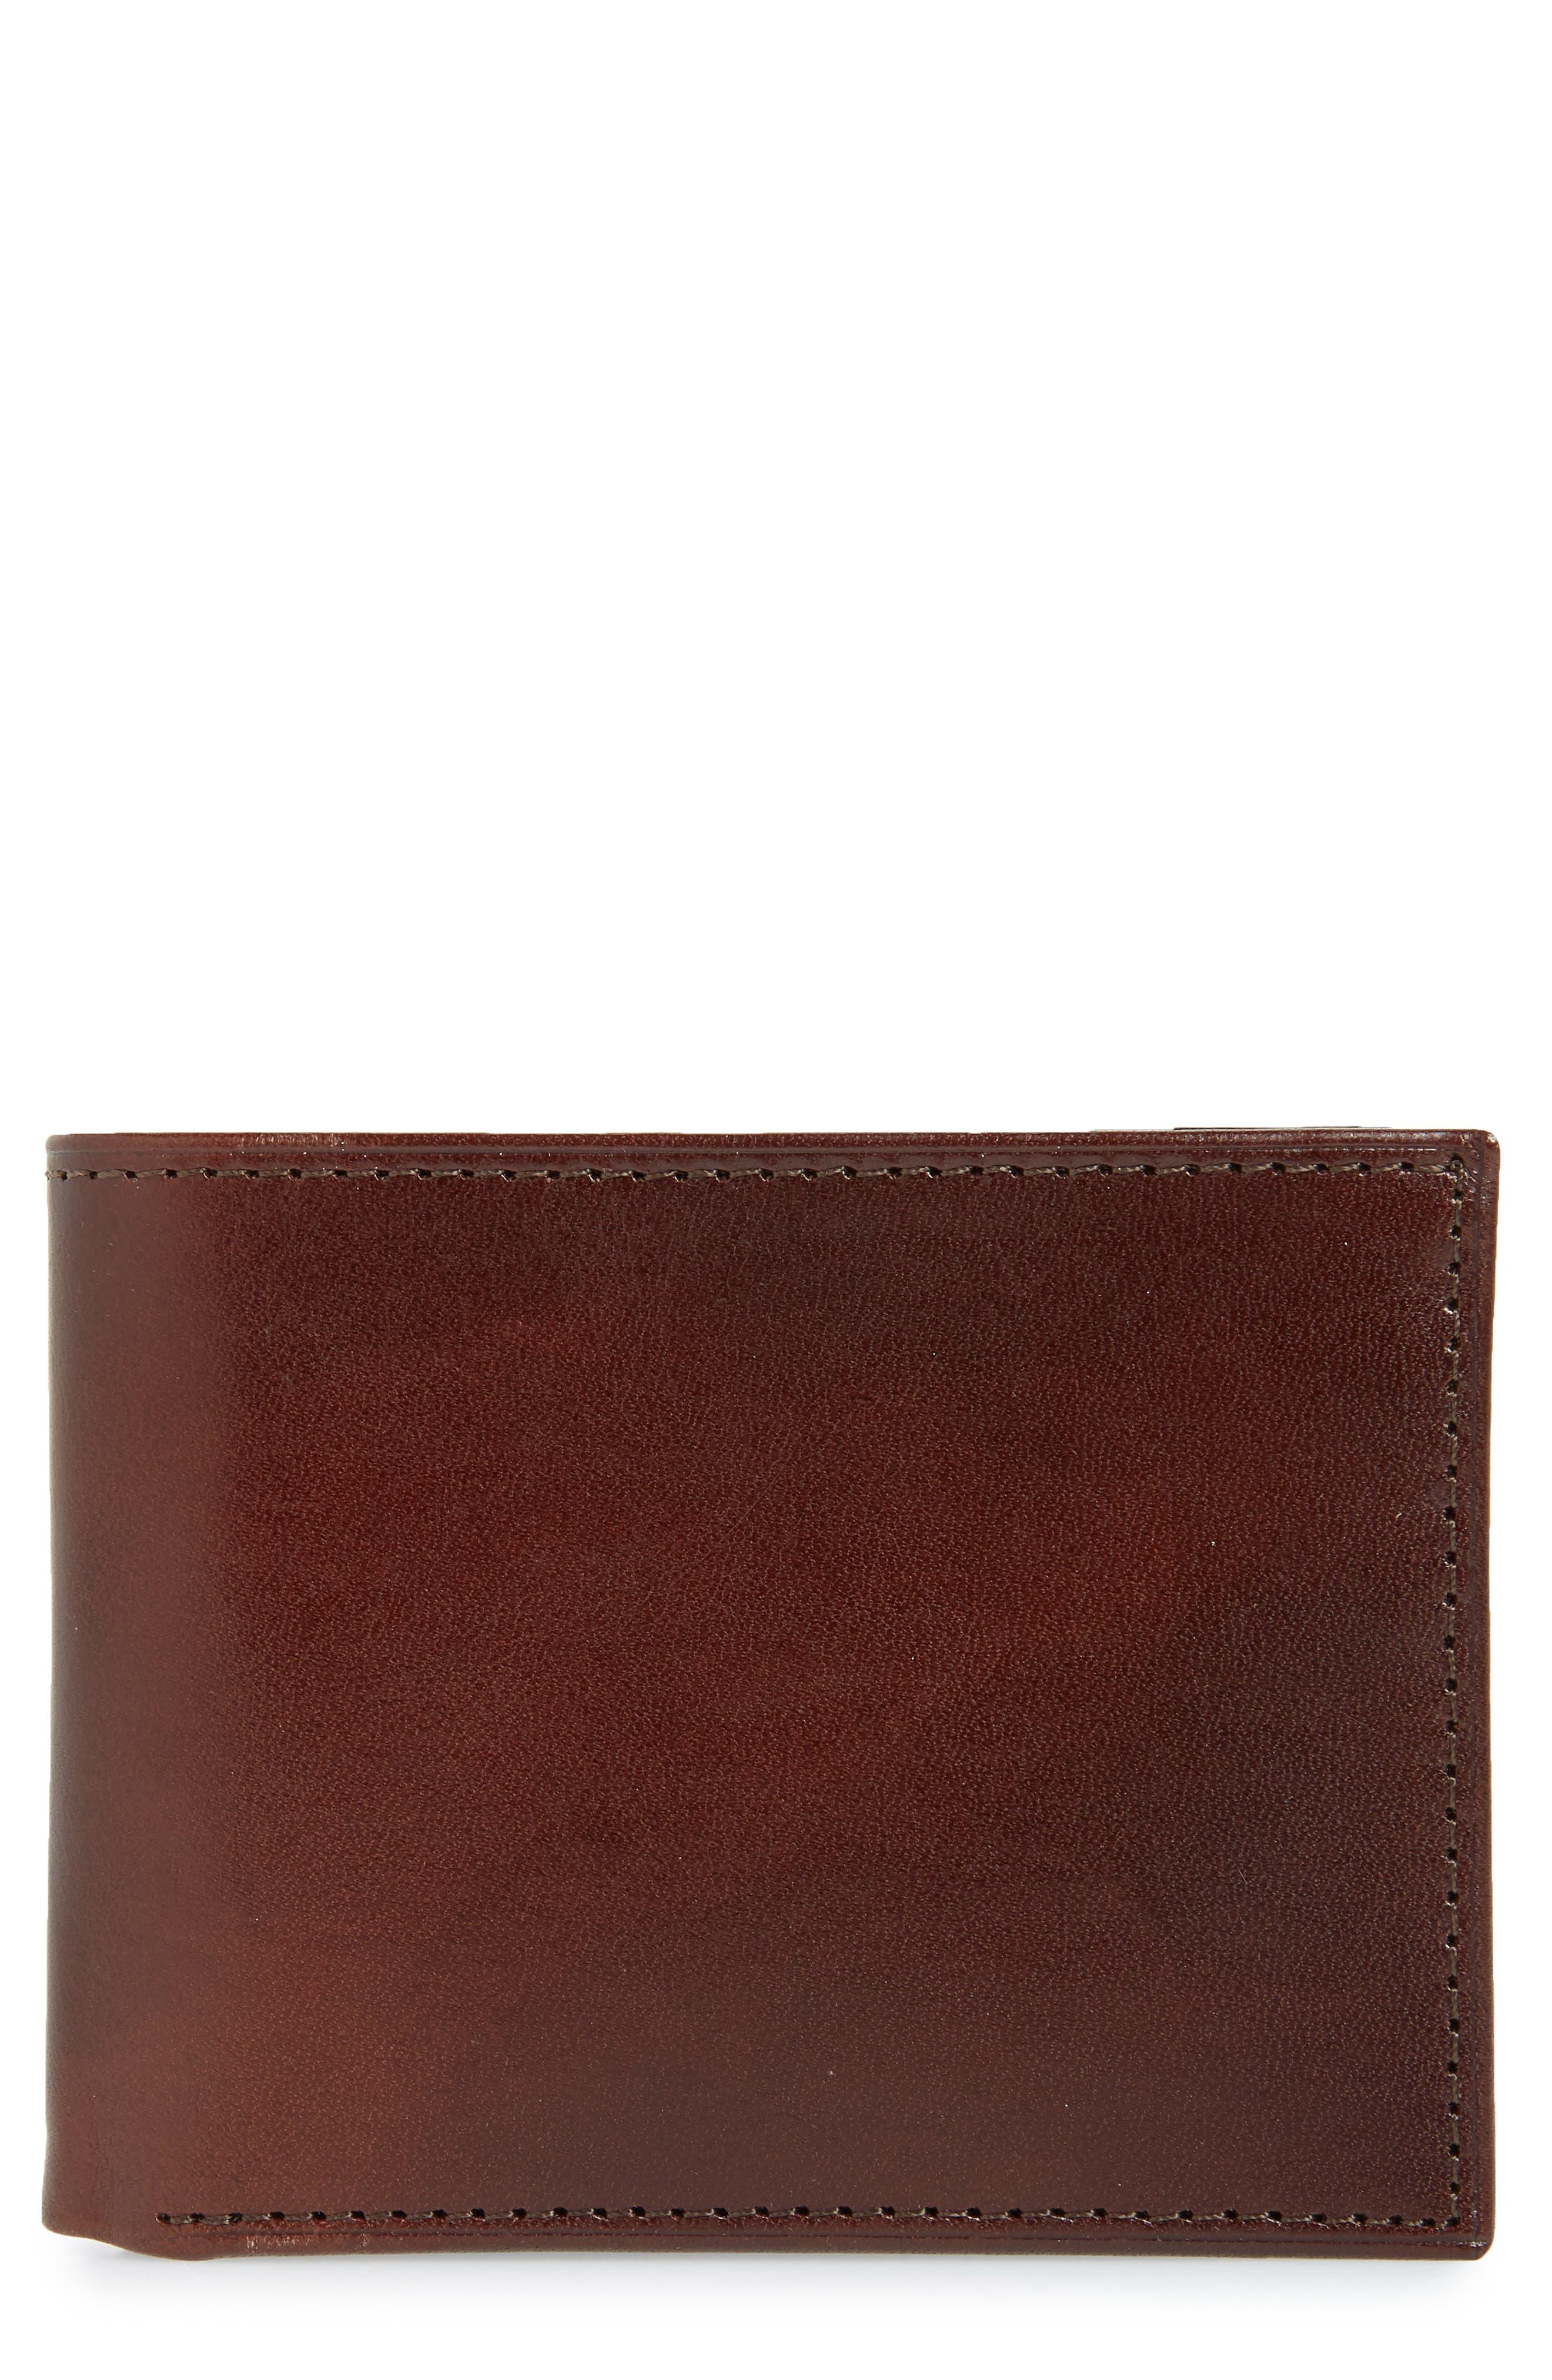 Johnston & Murphy Slimfold Leather Wallet